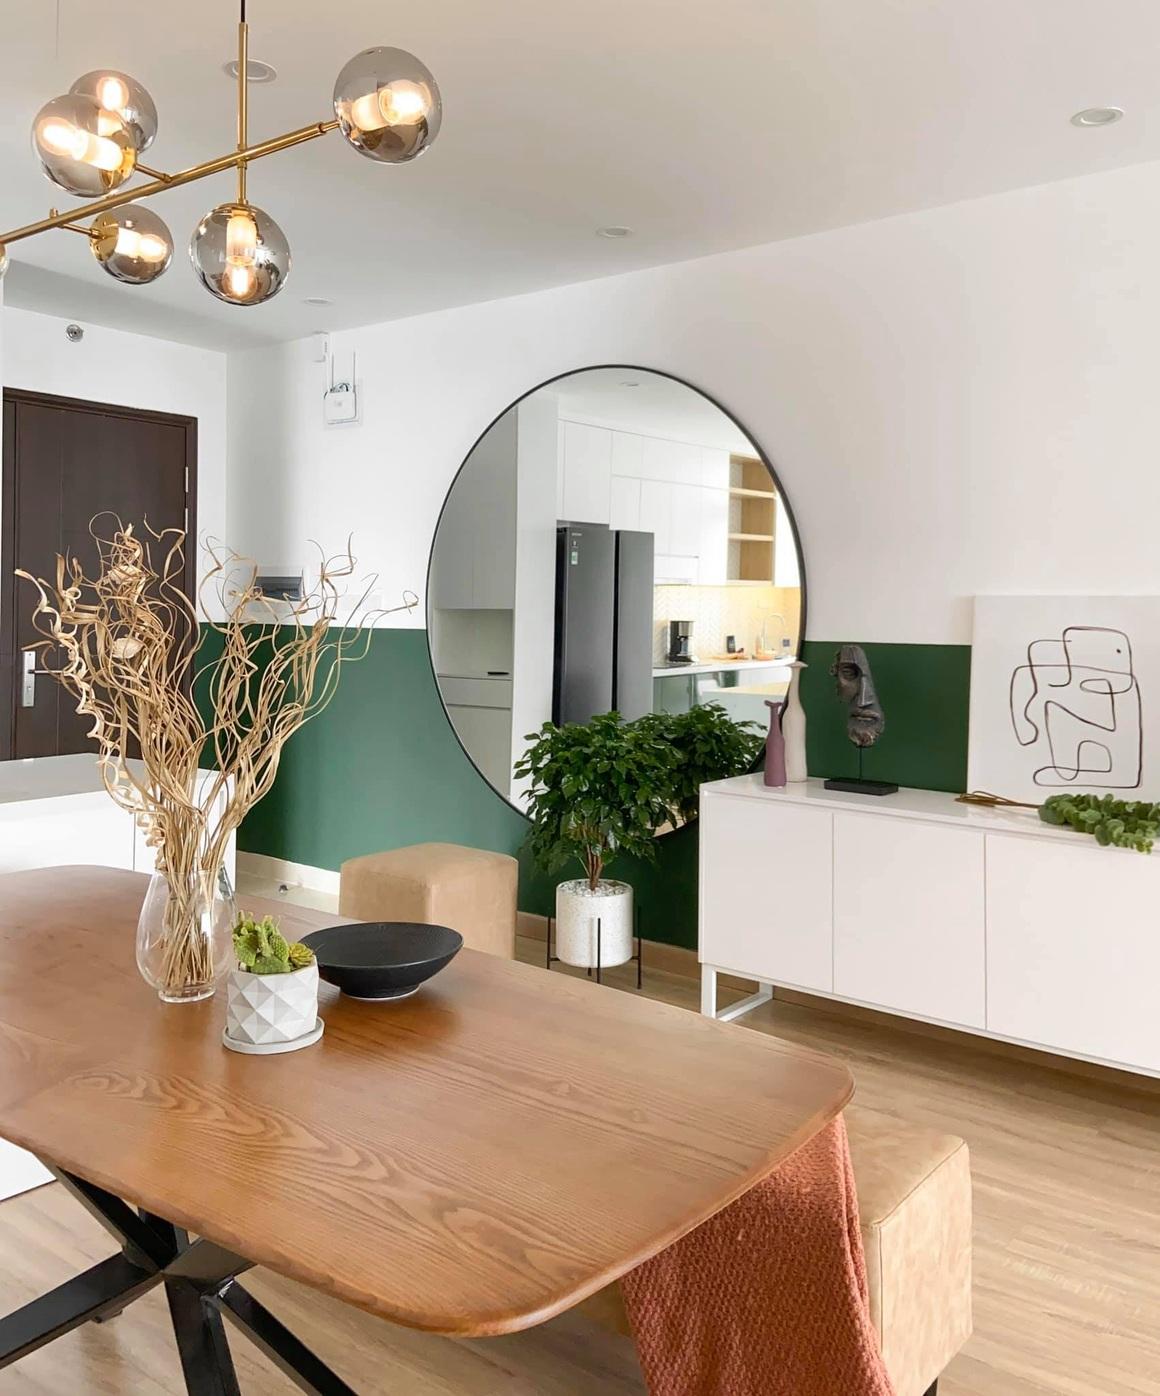 Ngắm căn hộ của gia chủ khó tính: Nội thất đẹp, lạ với tông màu xanh đậm - 10